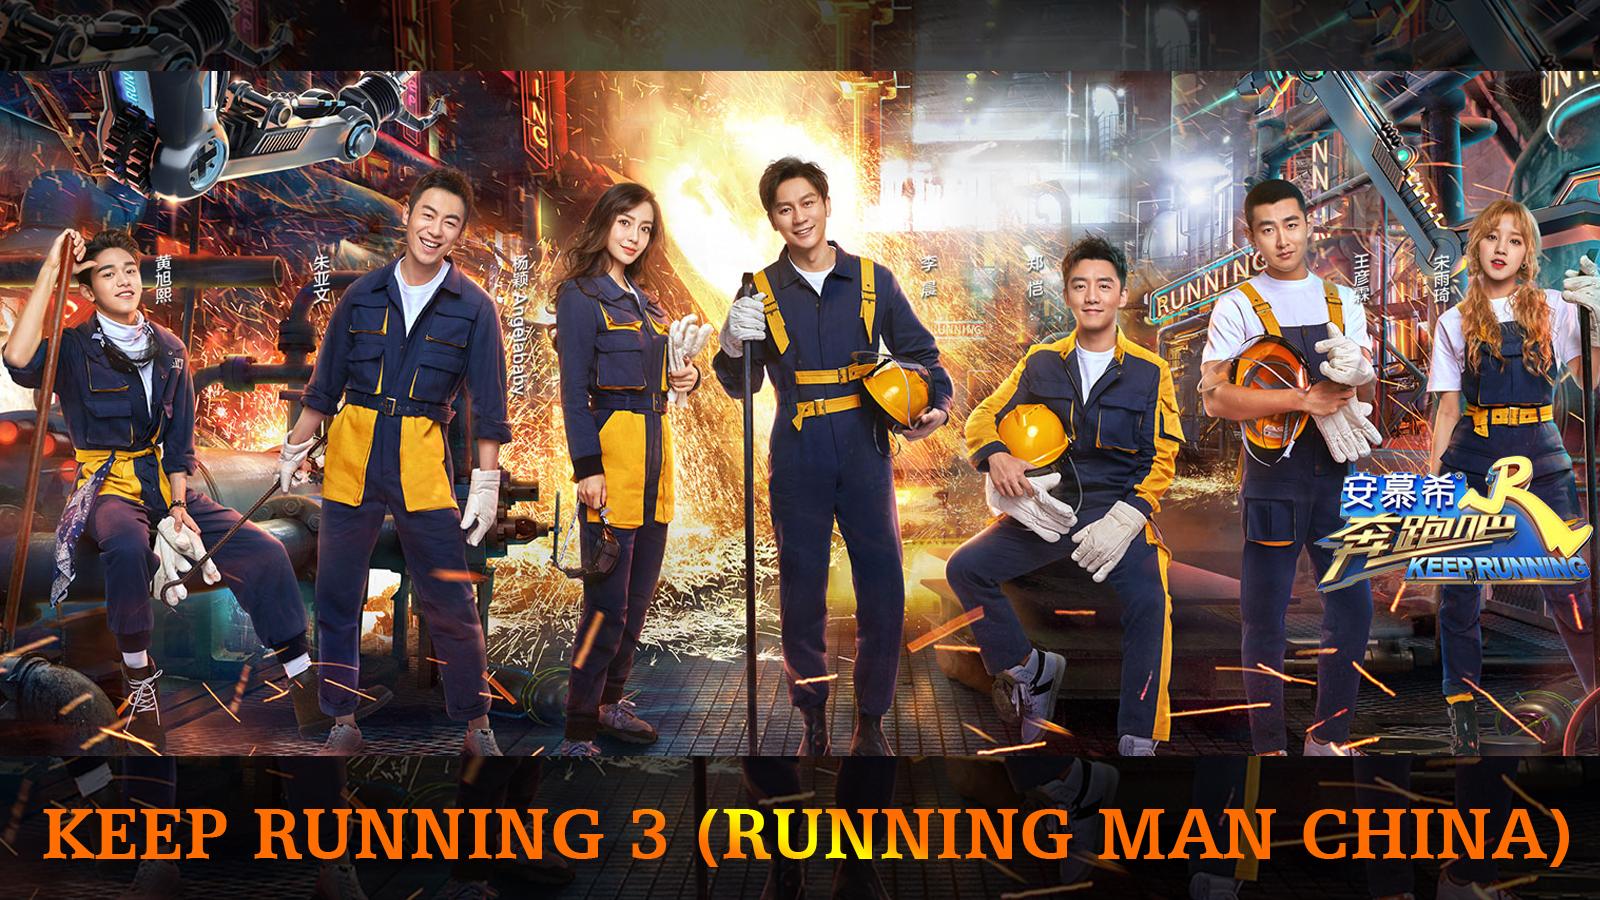 Running Man Trung Quốc (Mùa 7) - Keep Running 3